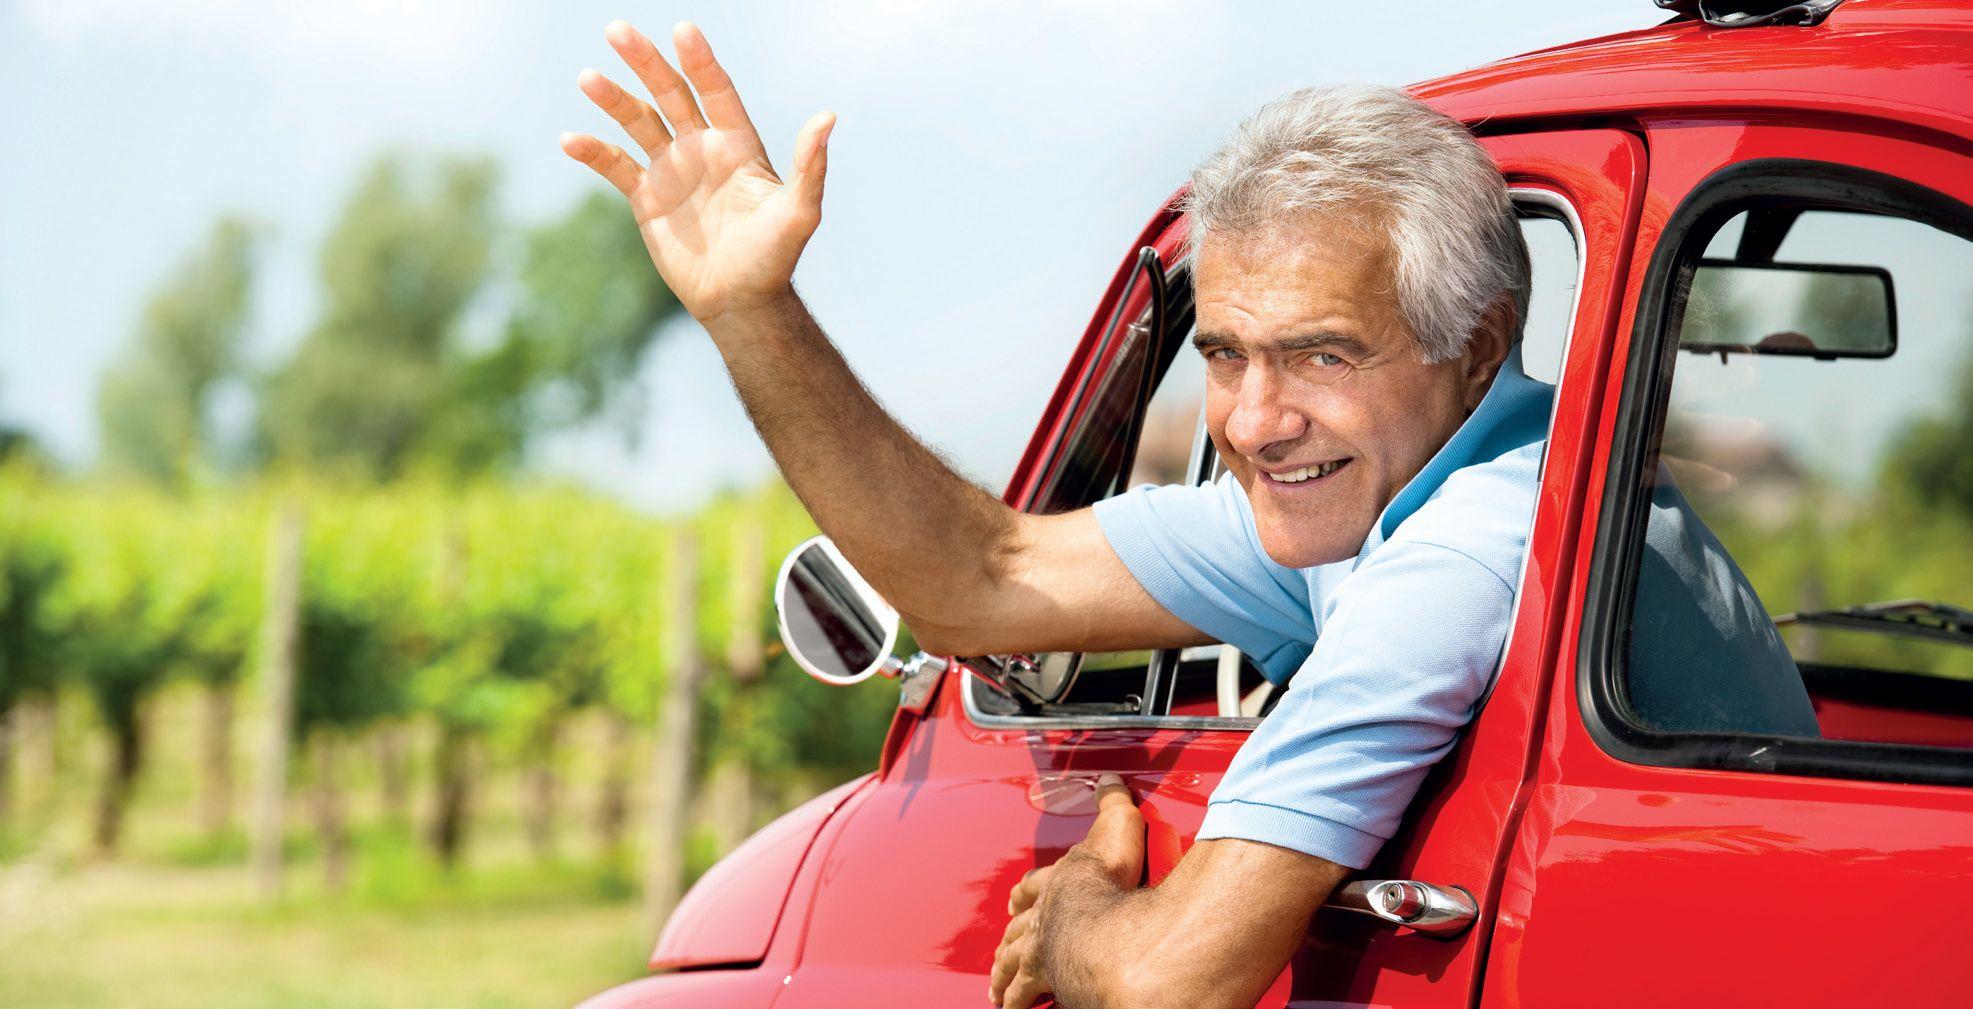 lehetséges-e autót vezetni magas vérnyomásban mit lehet venni 2 fokos magas vérnyomás esetén